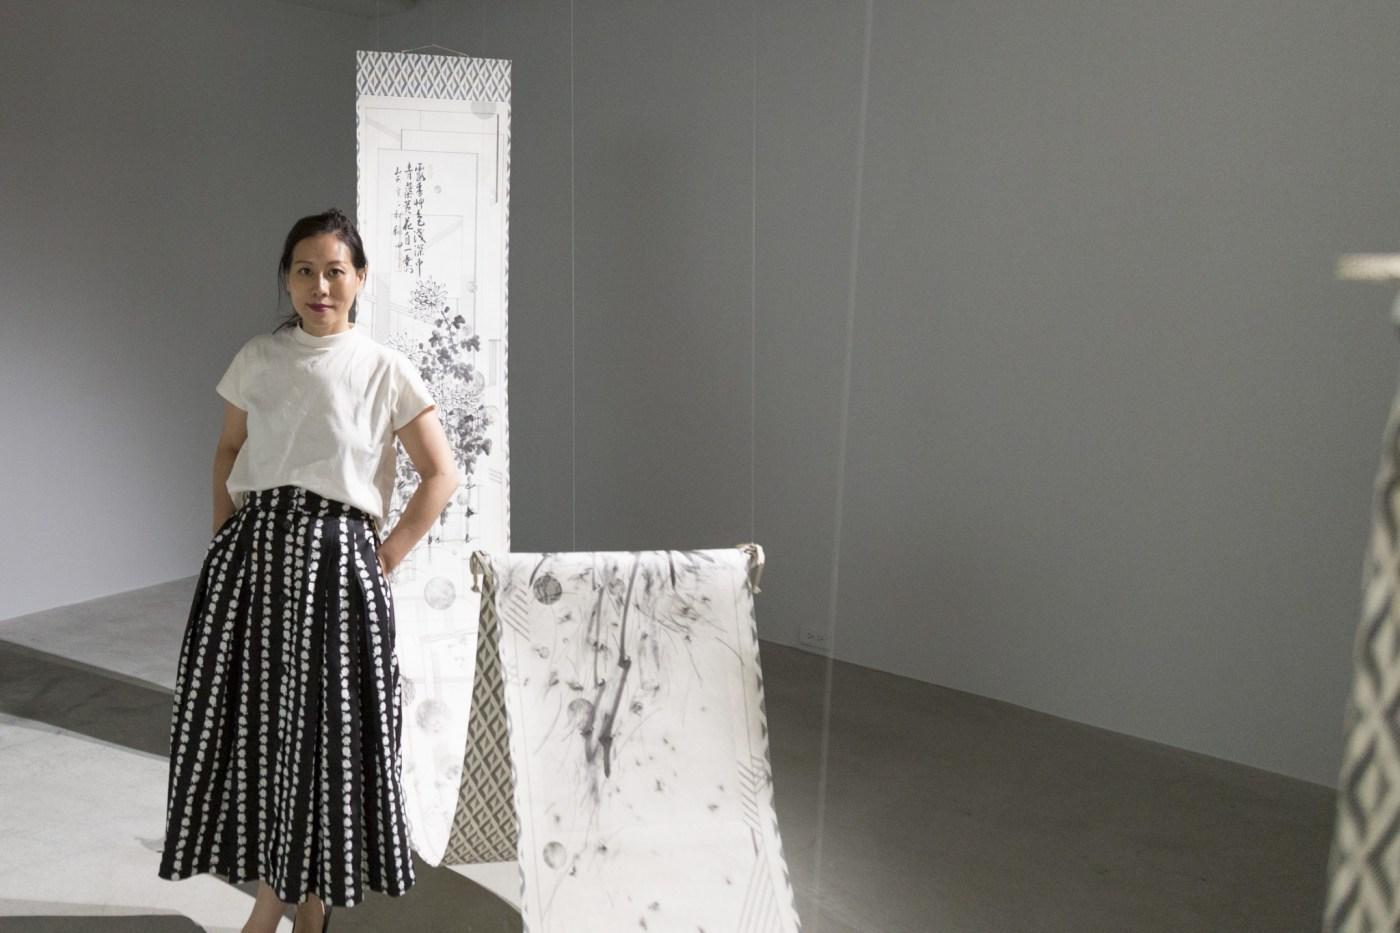 藝術家劉文瑄 圖/ 安卓藝術